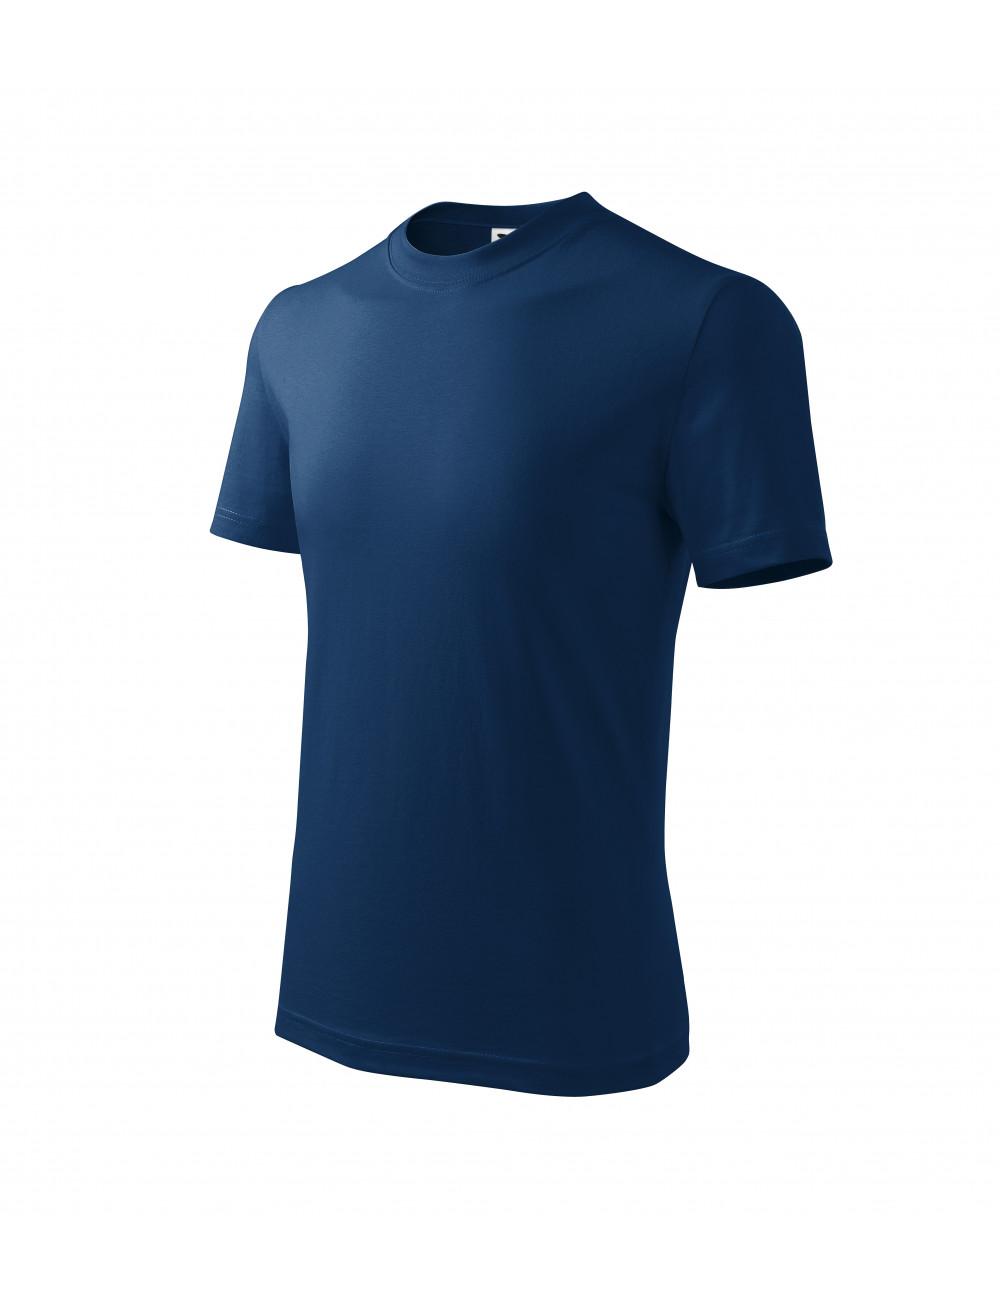 Adler MALFINI Koszulka dziecięca Basic 138 ciemnoniebieski